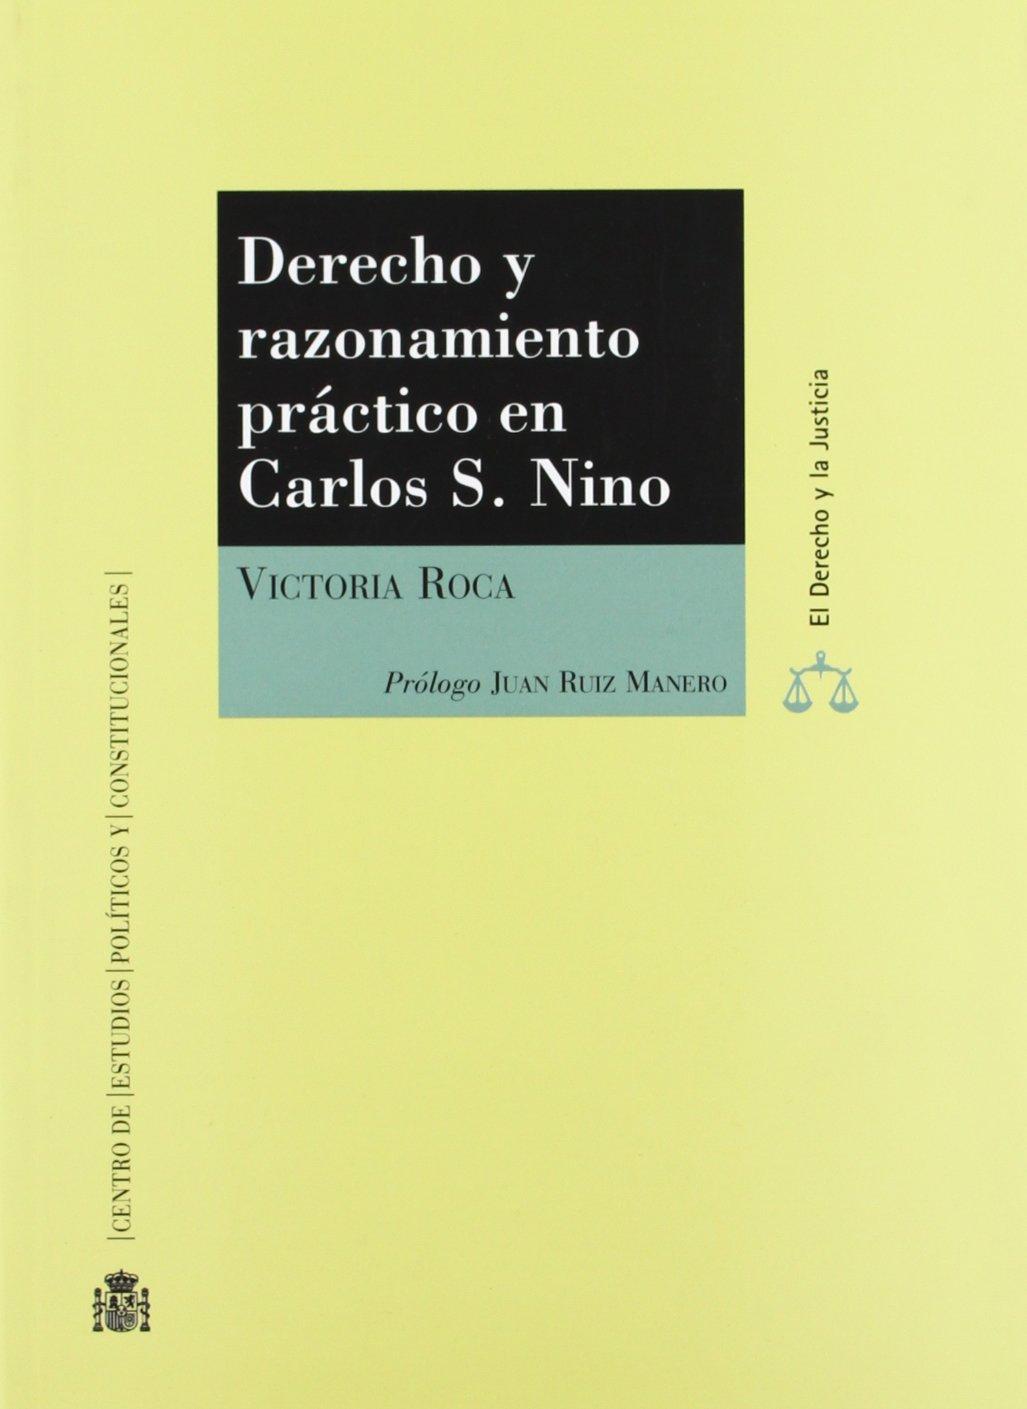 Download Derecho y razonamiento práctico en Carlos S. Nino (R) (2005) -PLEASE ASK IF AVAILABLE BEFORE ORDERING- pdf epub